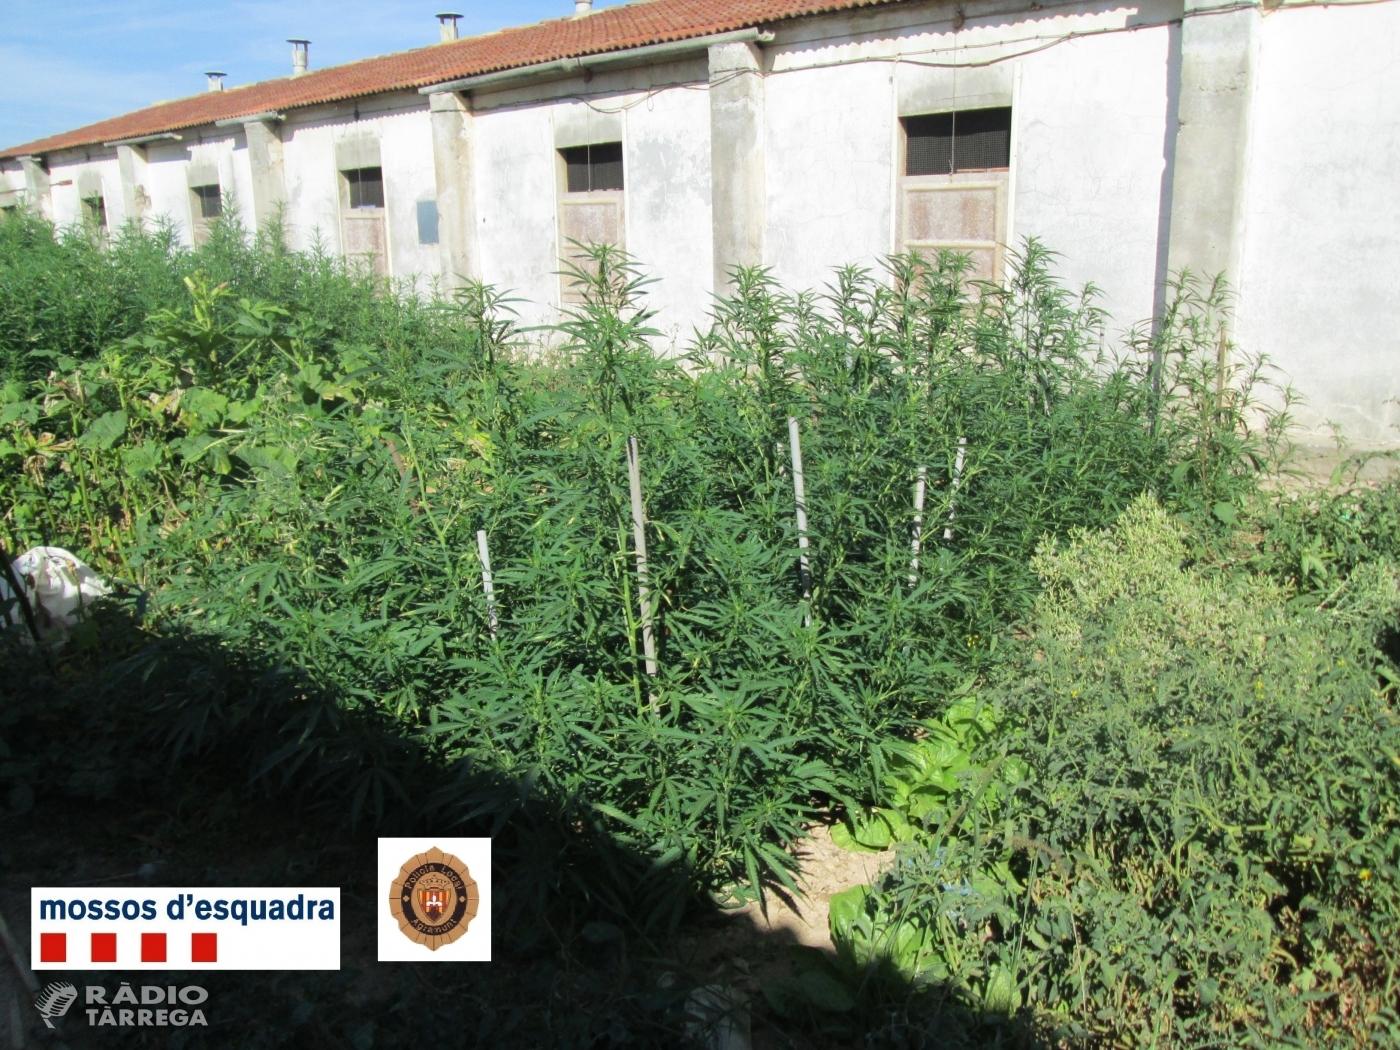 Els Mossos d'Esquadra detenen una persona i desmantellen una plantació de marihuana a Agramunt